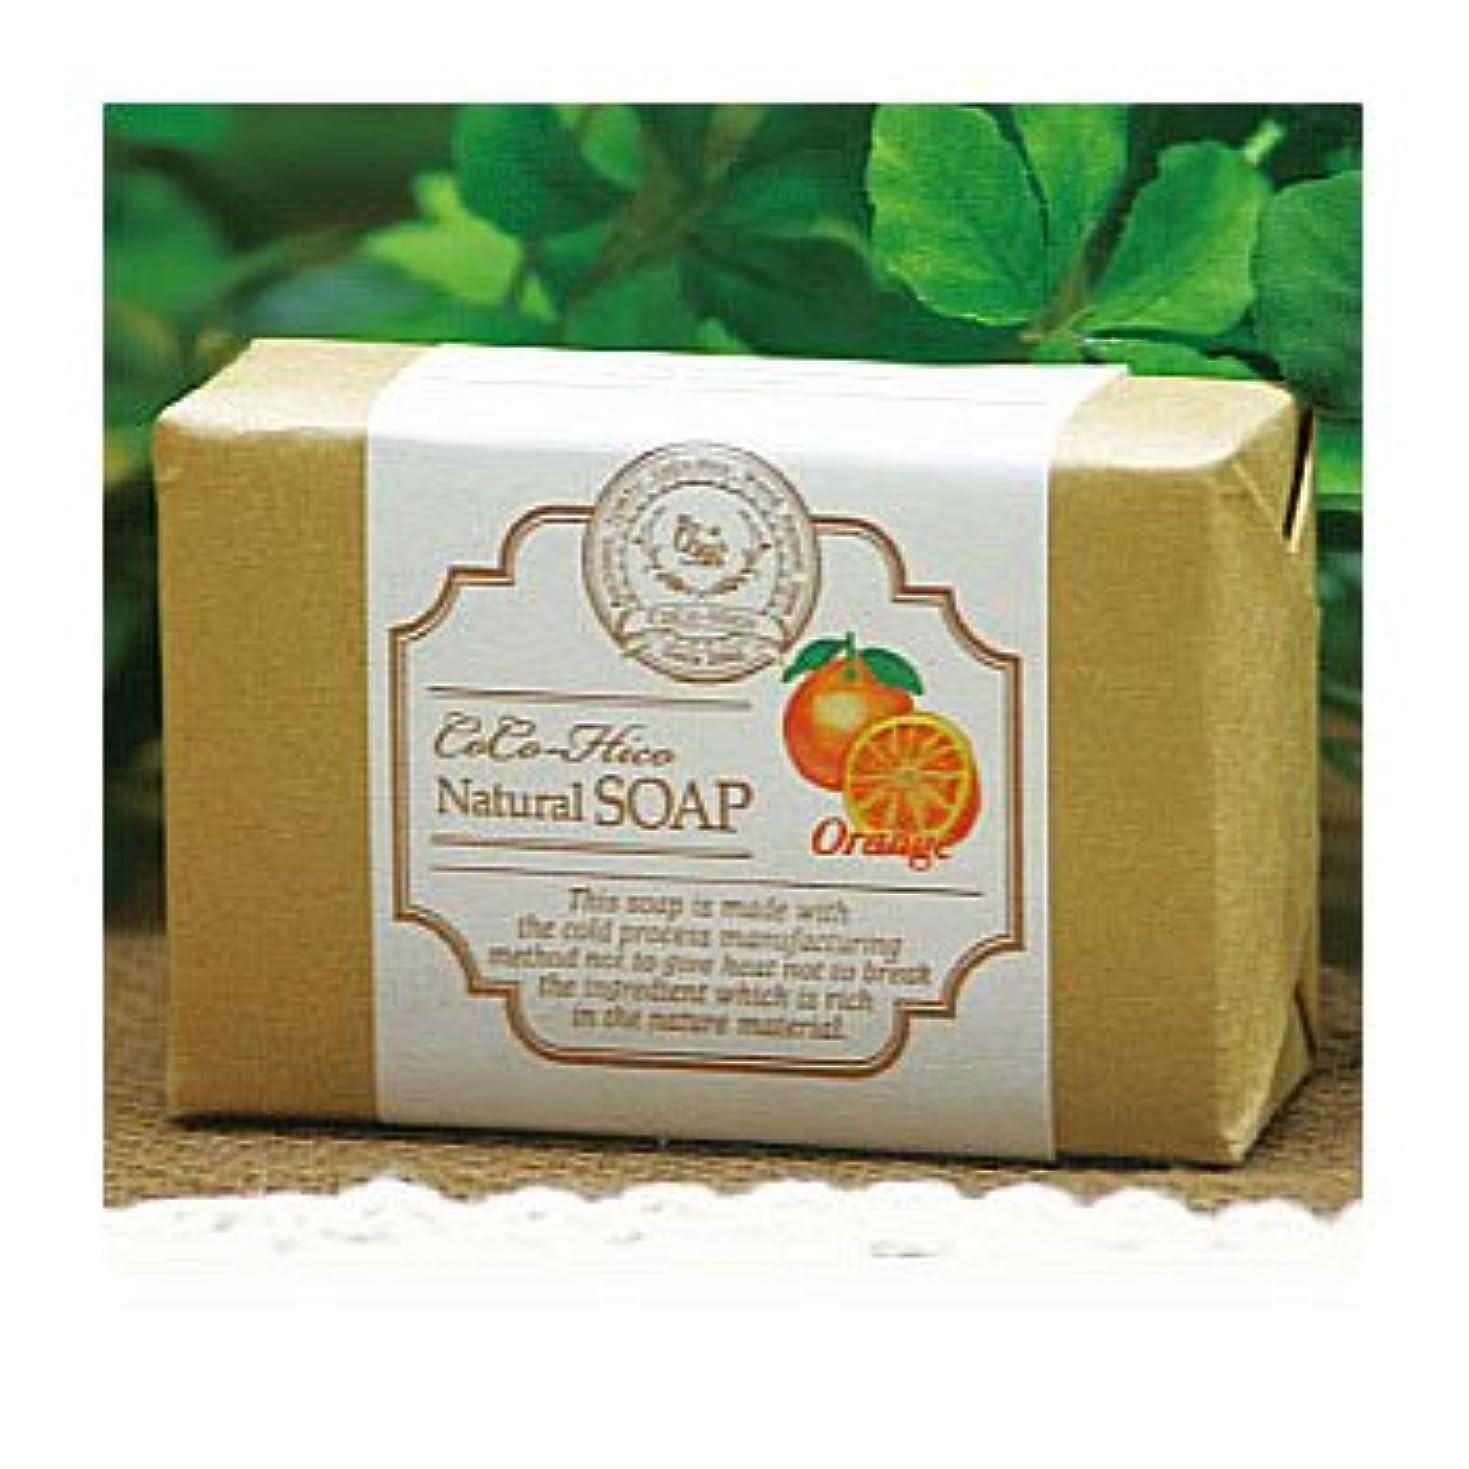 カヌー弱点敵対的【無添加 手作り 生せっけん】-CoCo-Hico SOAP-ココヒコ生せっけん オレンジ